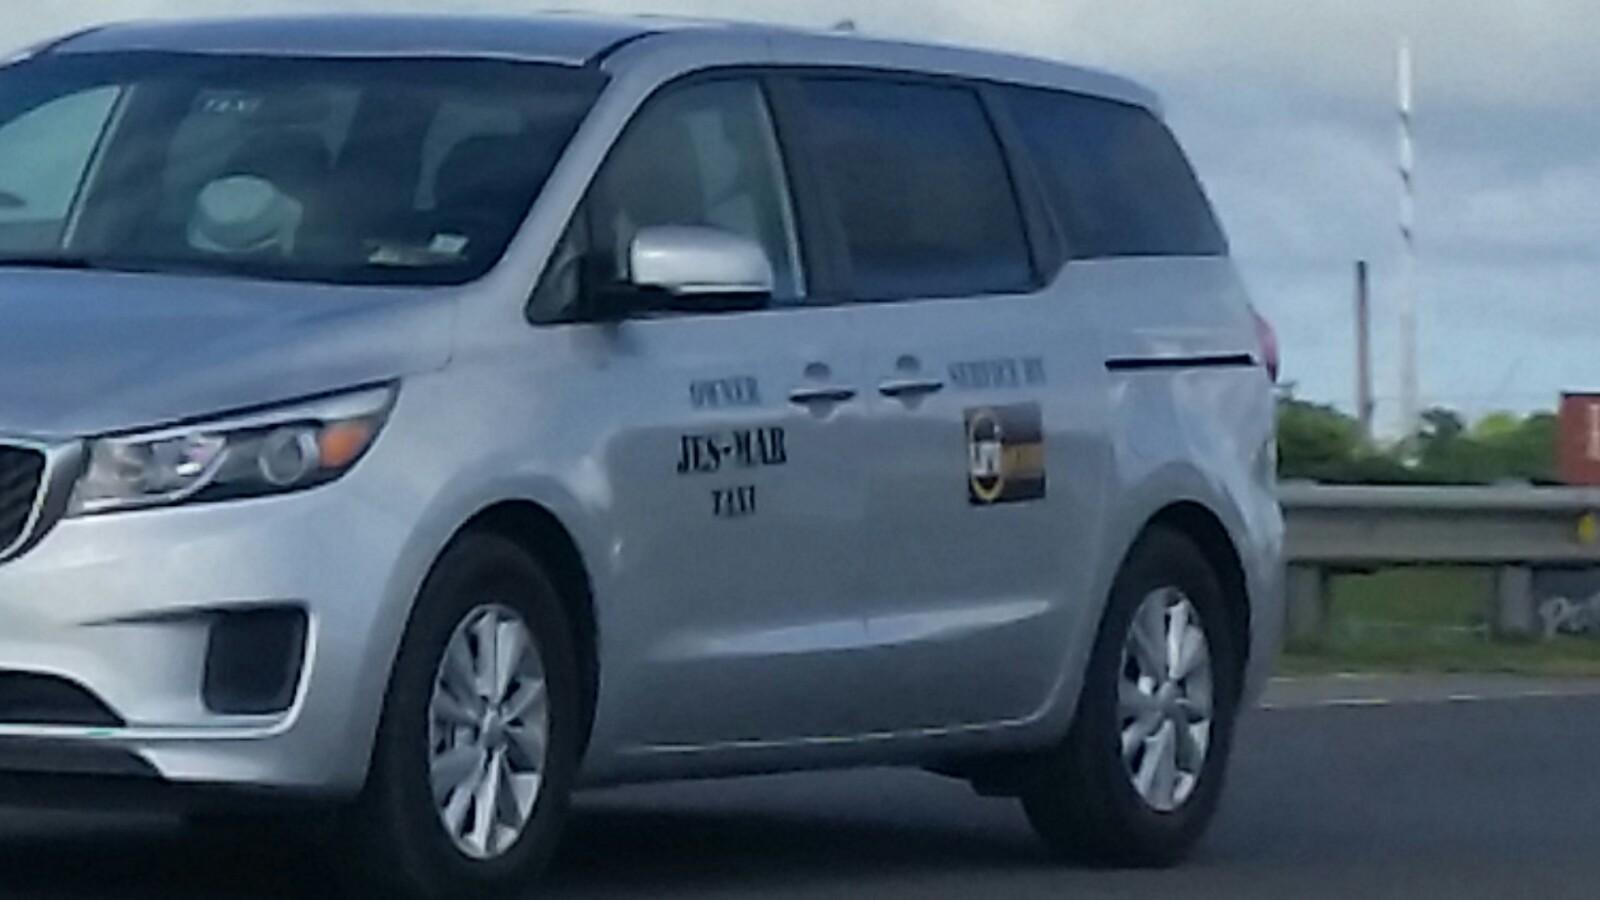 Guam Uni Taxi